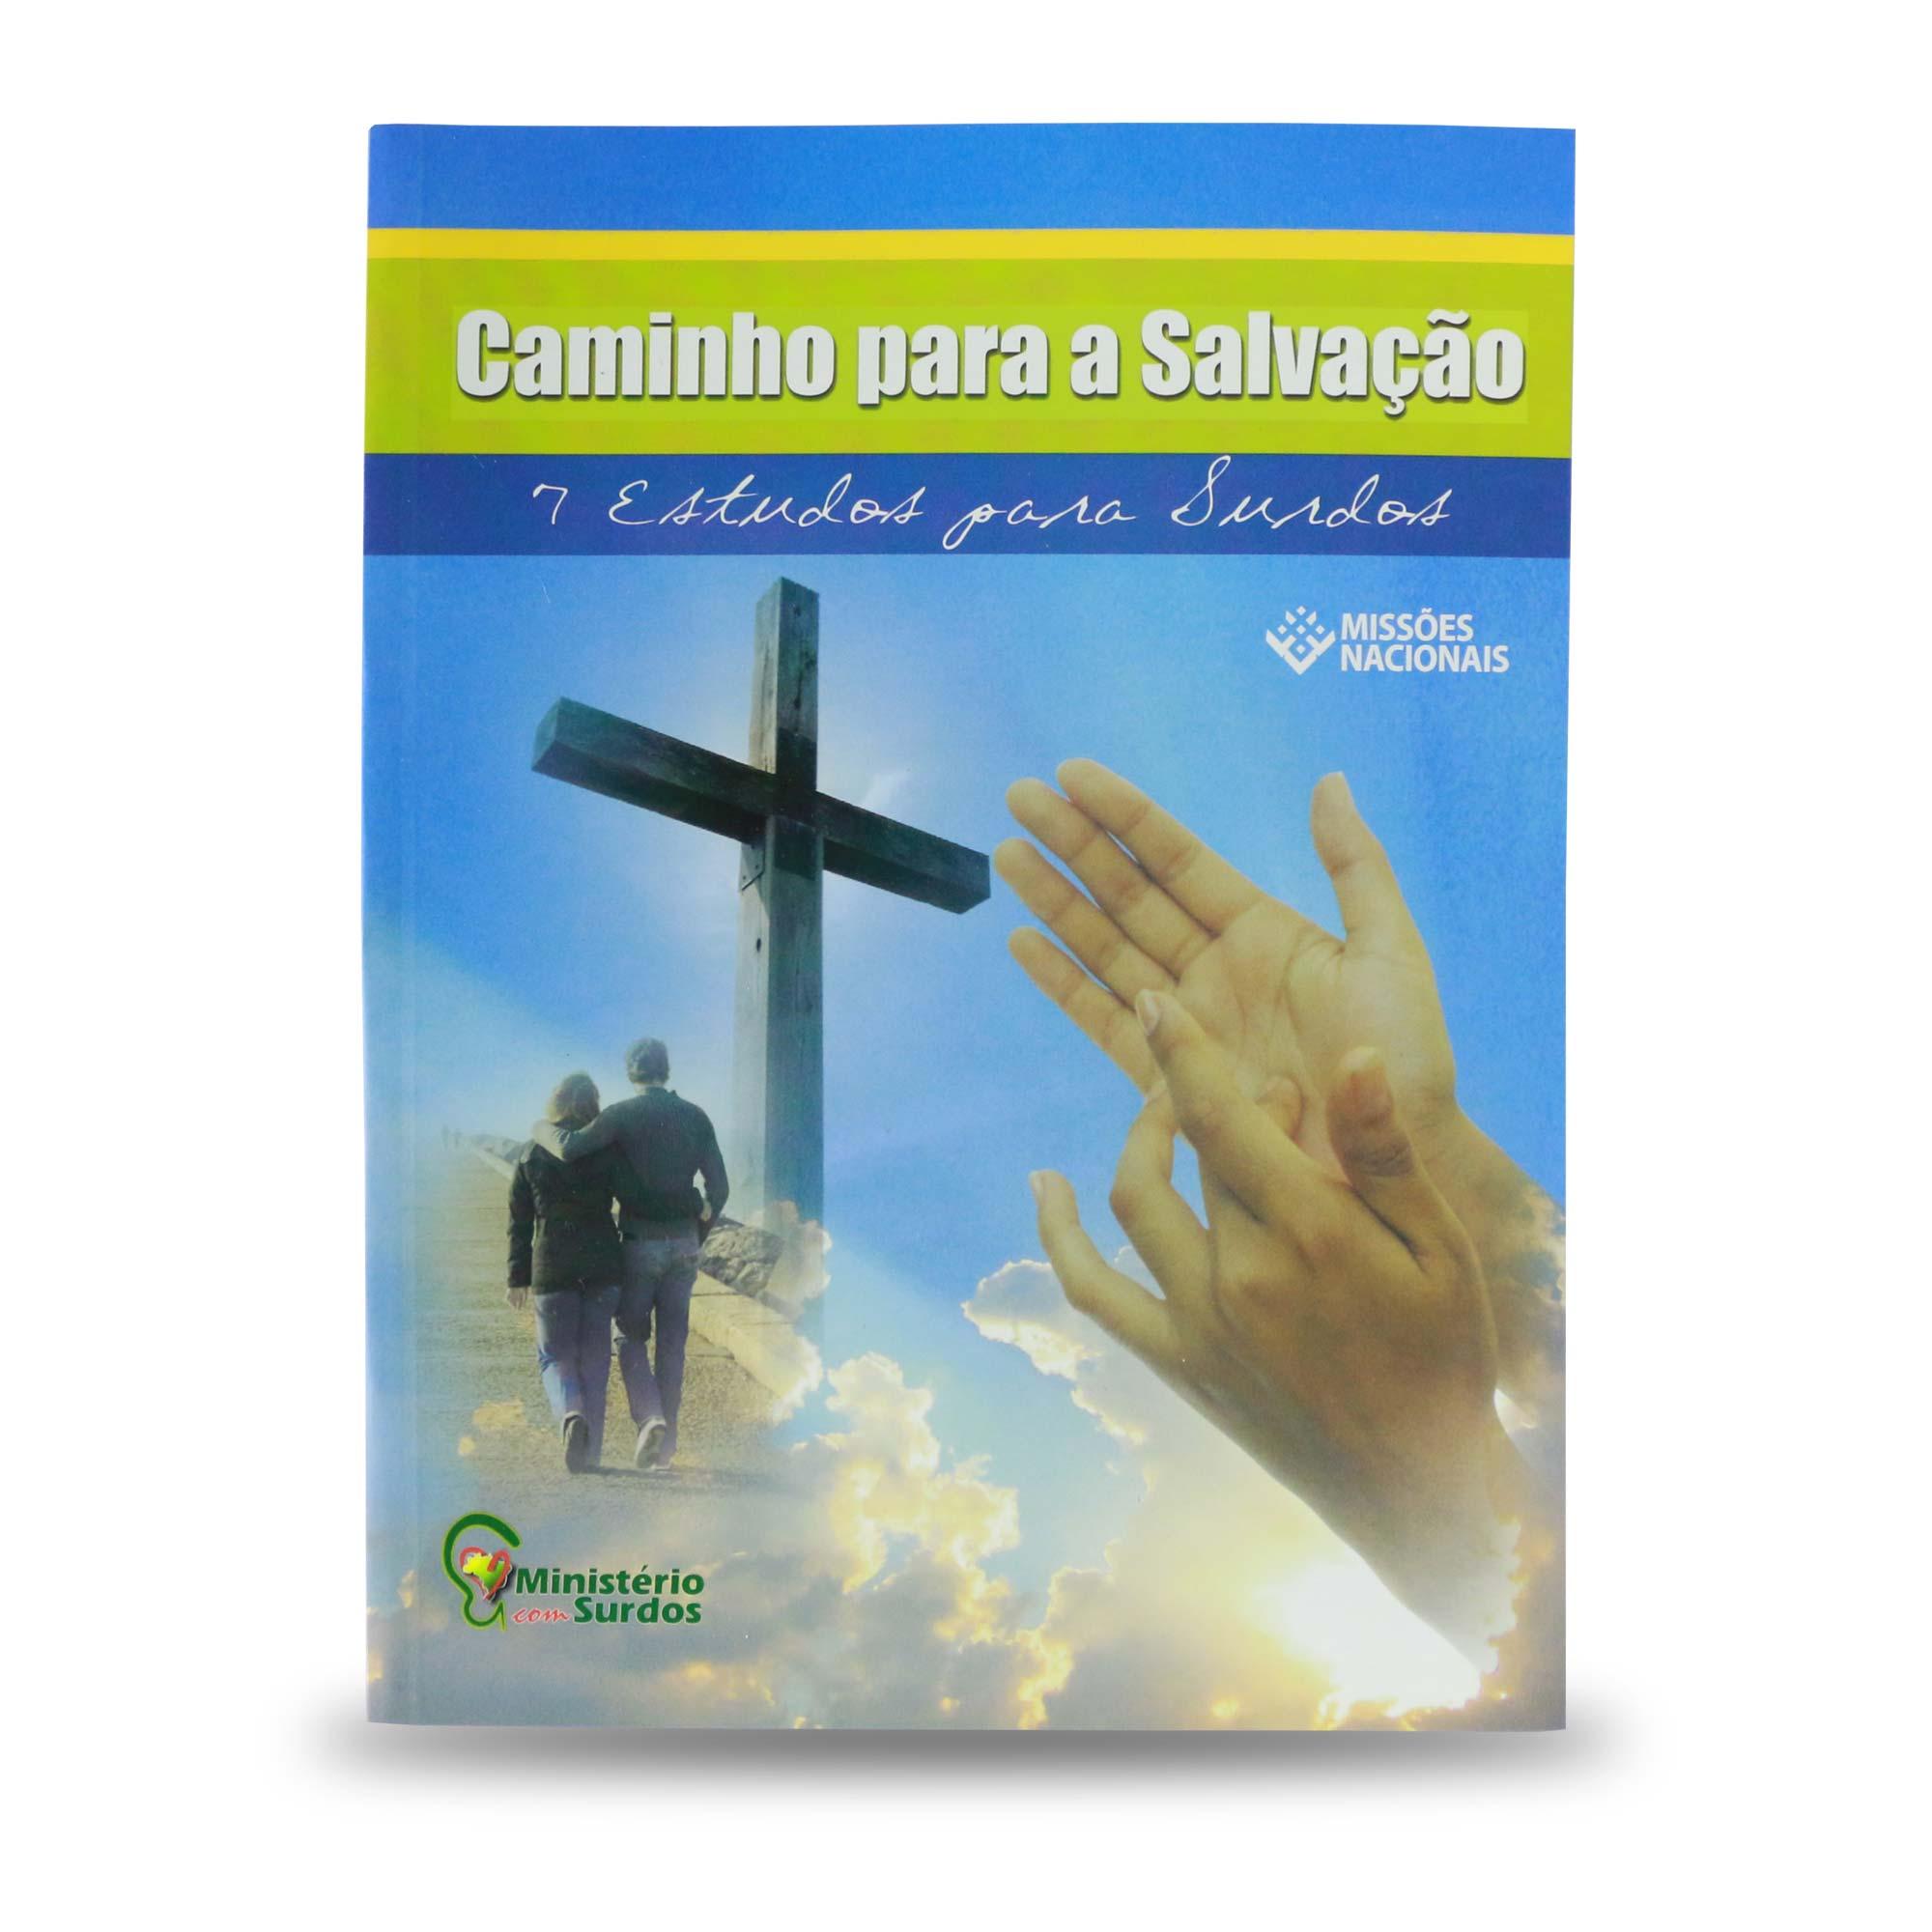 Caminho para a salvação - Surdos